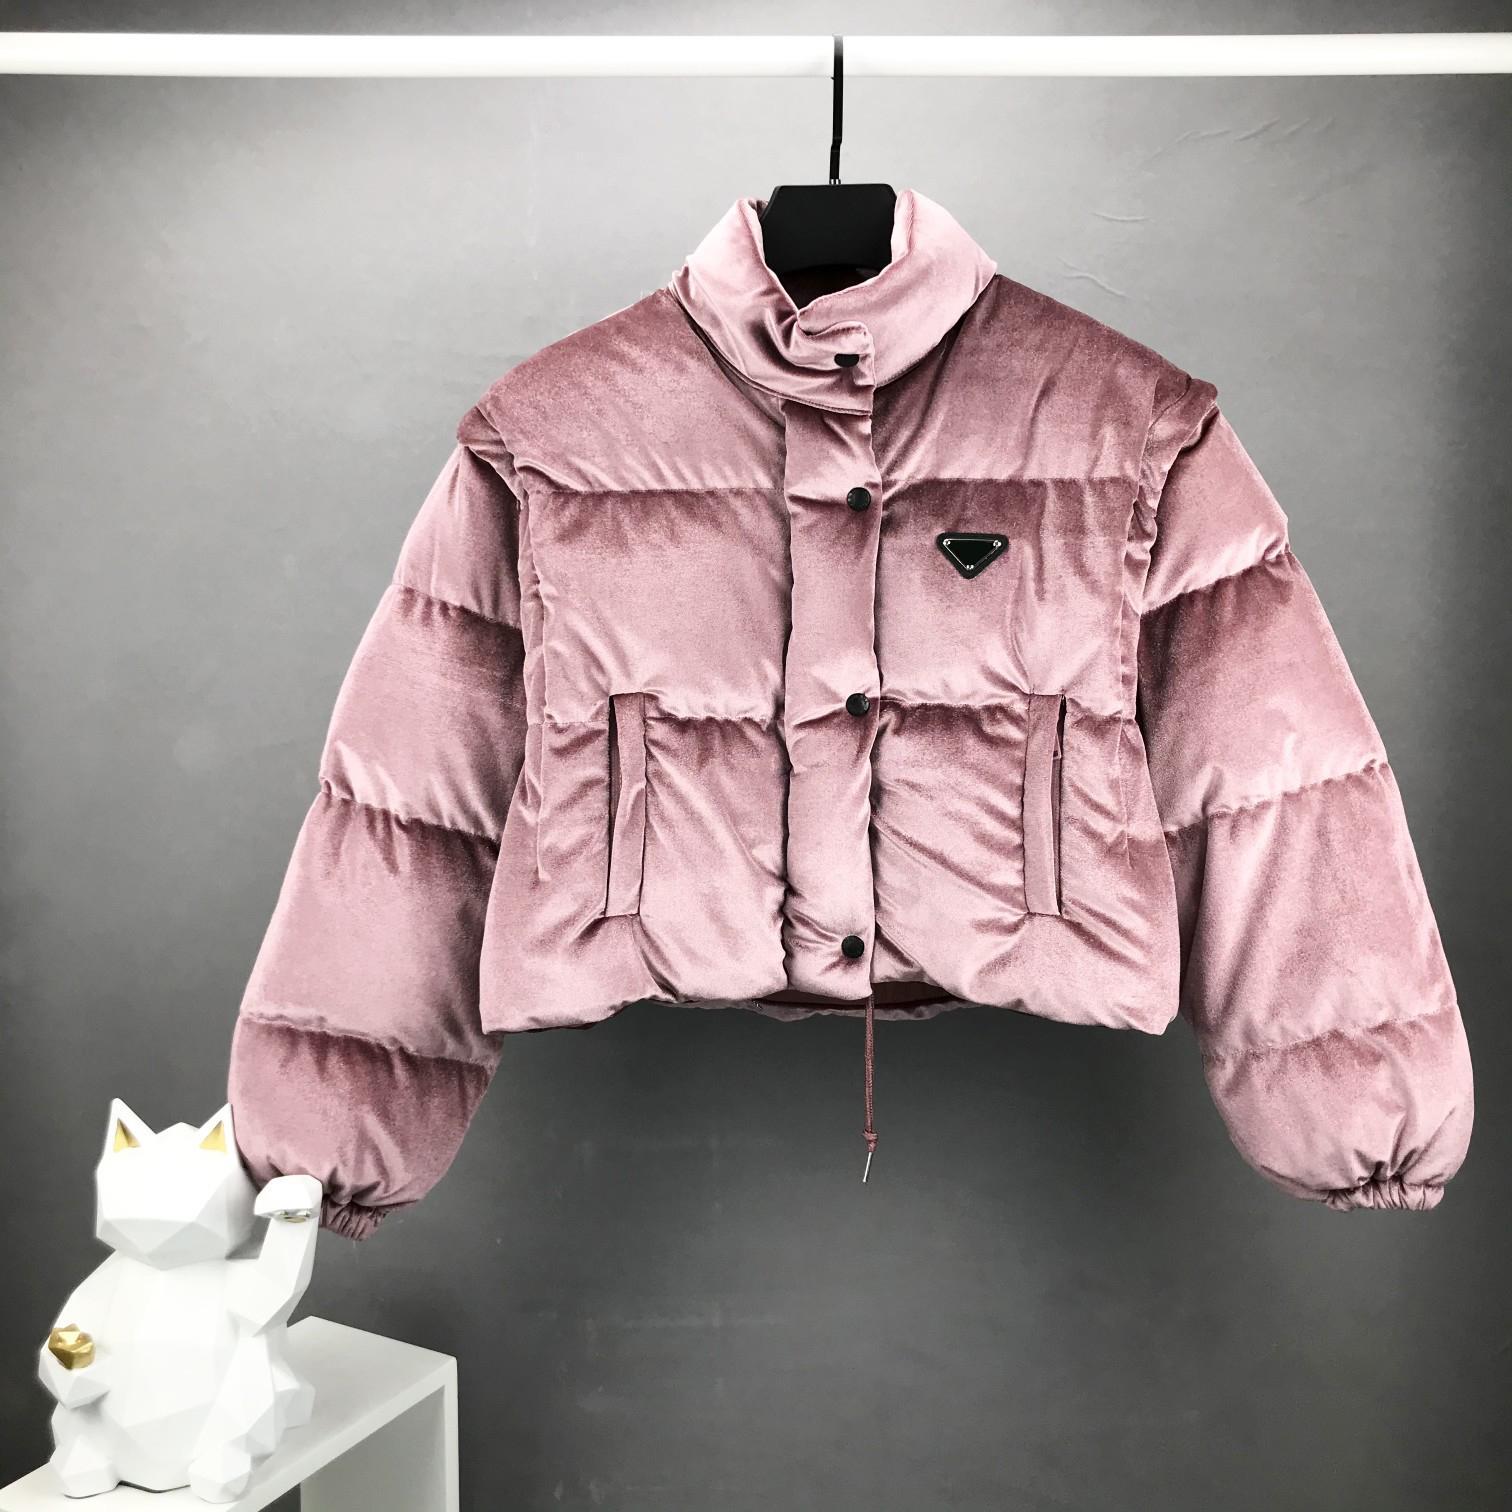 2020 Giacche invernali Designer Designer Jakcet Retro hip hop Sexy Cappotto corto Interno Nylon Fodera in tessuto Rimovibile Maniche Eur Size Cappotto di lusso